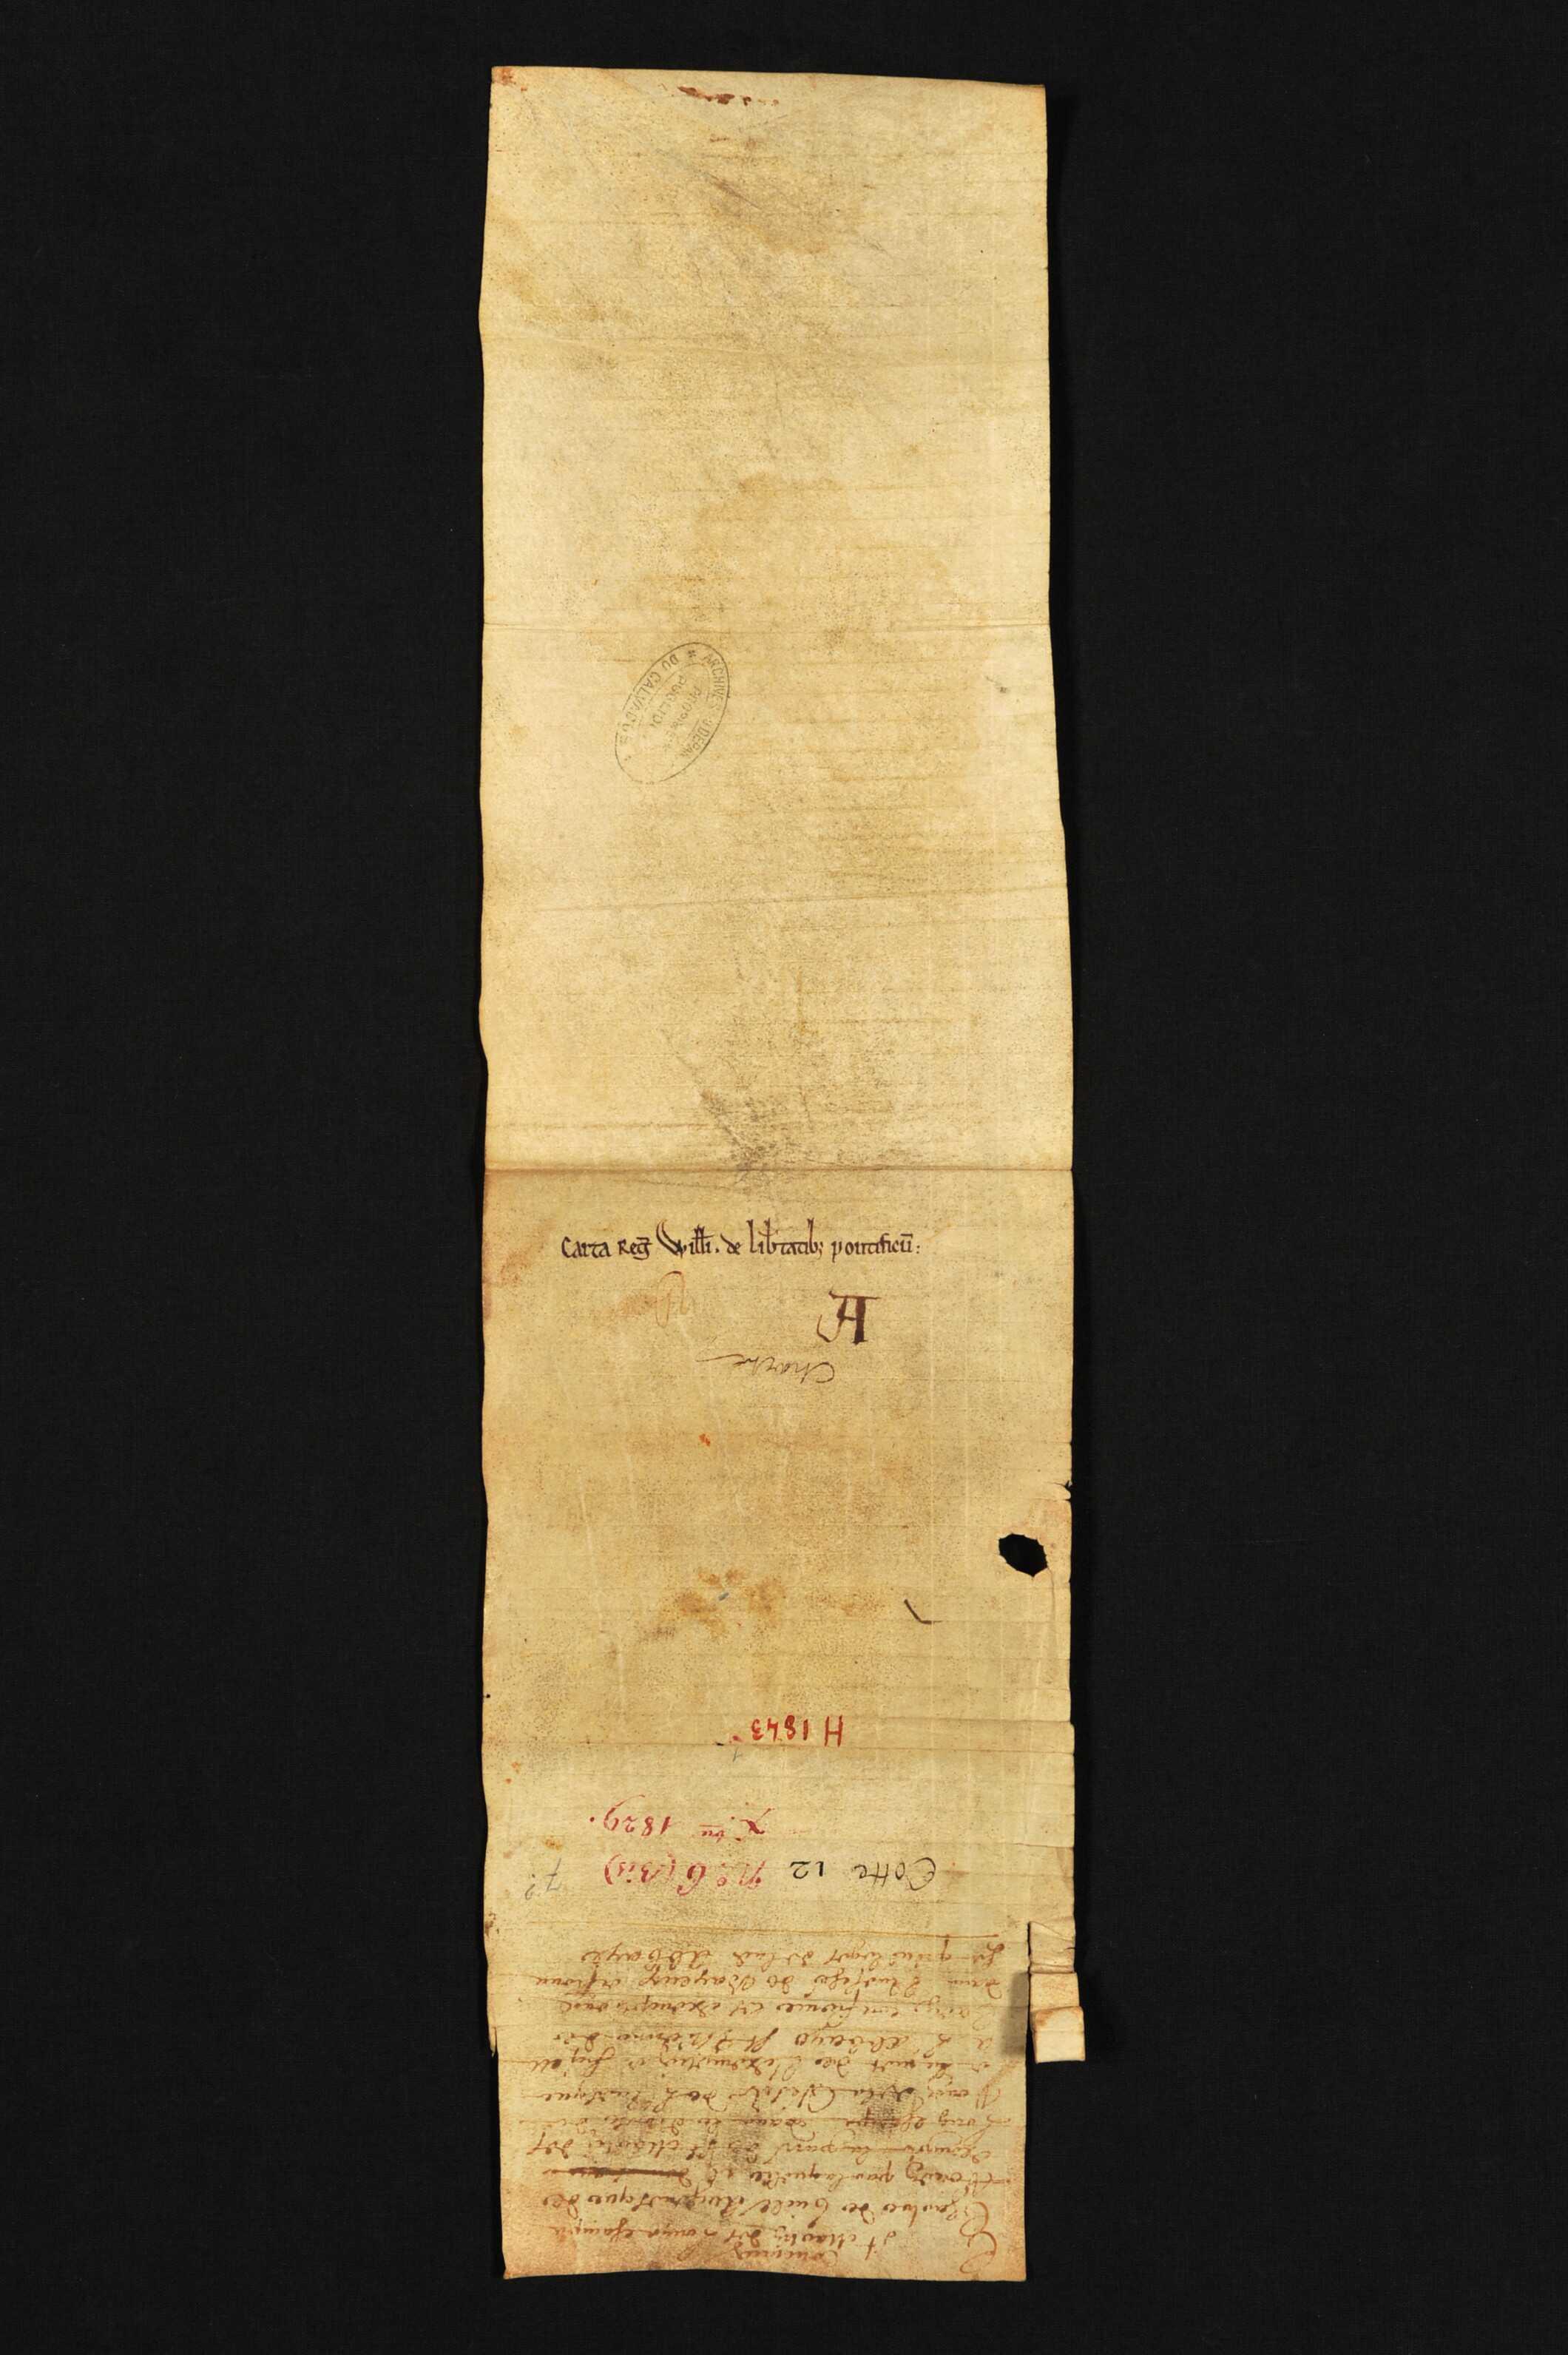 Pancarte souscrite par Guillaume par laquelle les évêques de Rouen, Coutances et Bayeux indiquent les exemptions de l'abbaye vis-à-vis de leurs évêchés